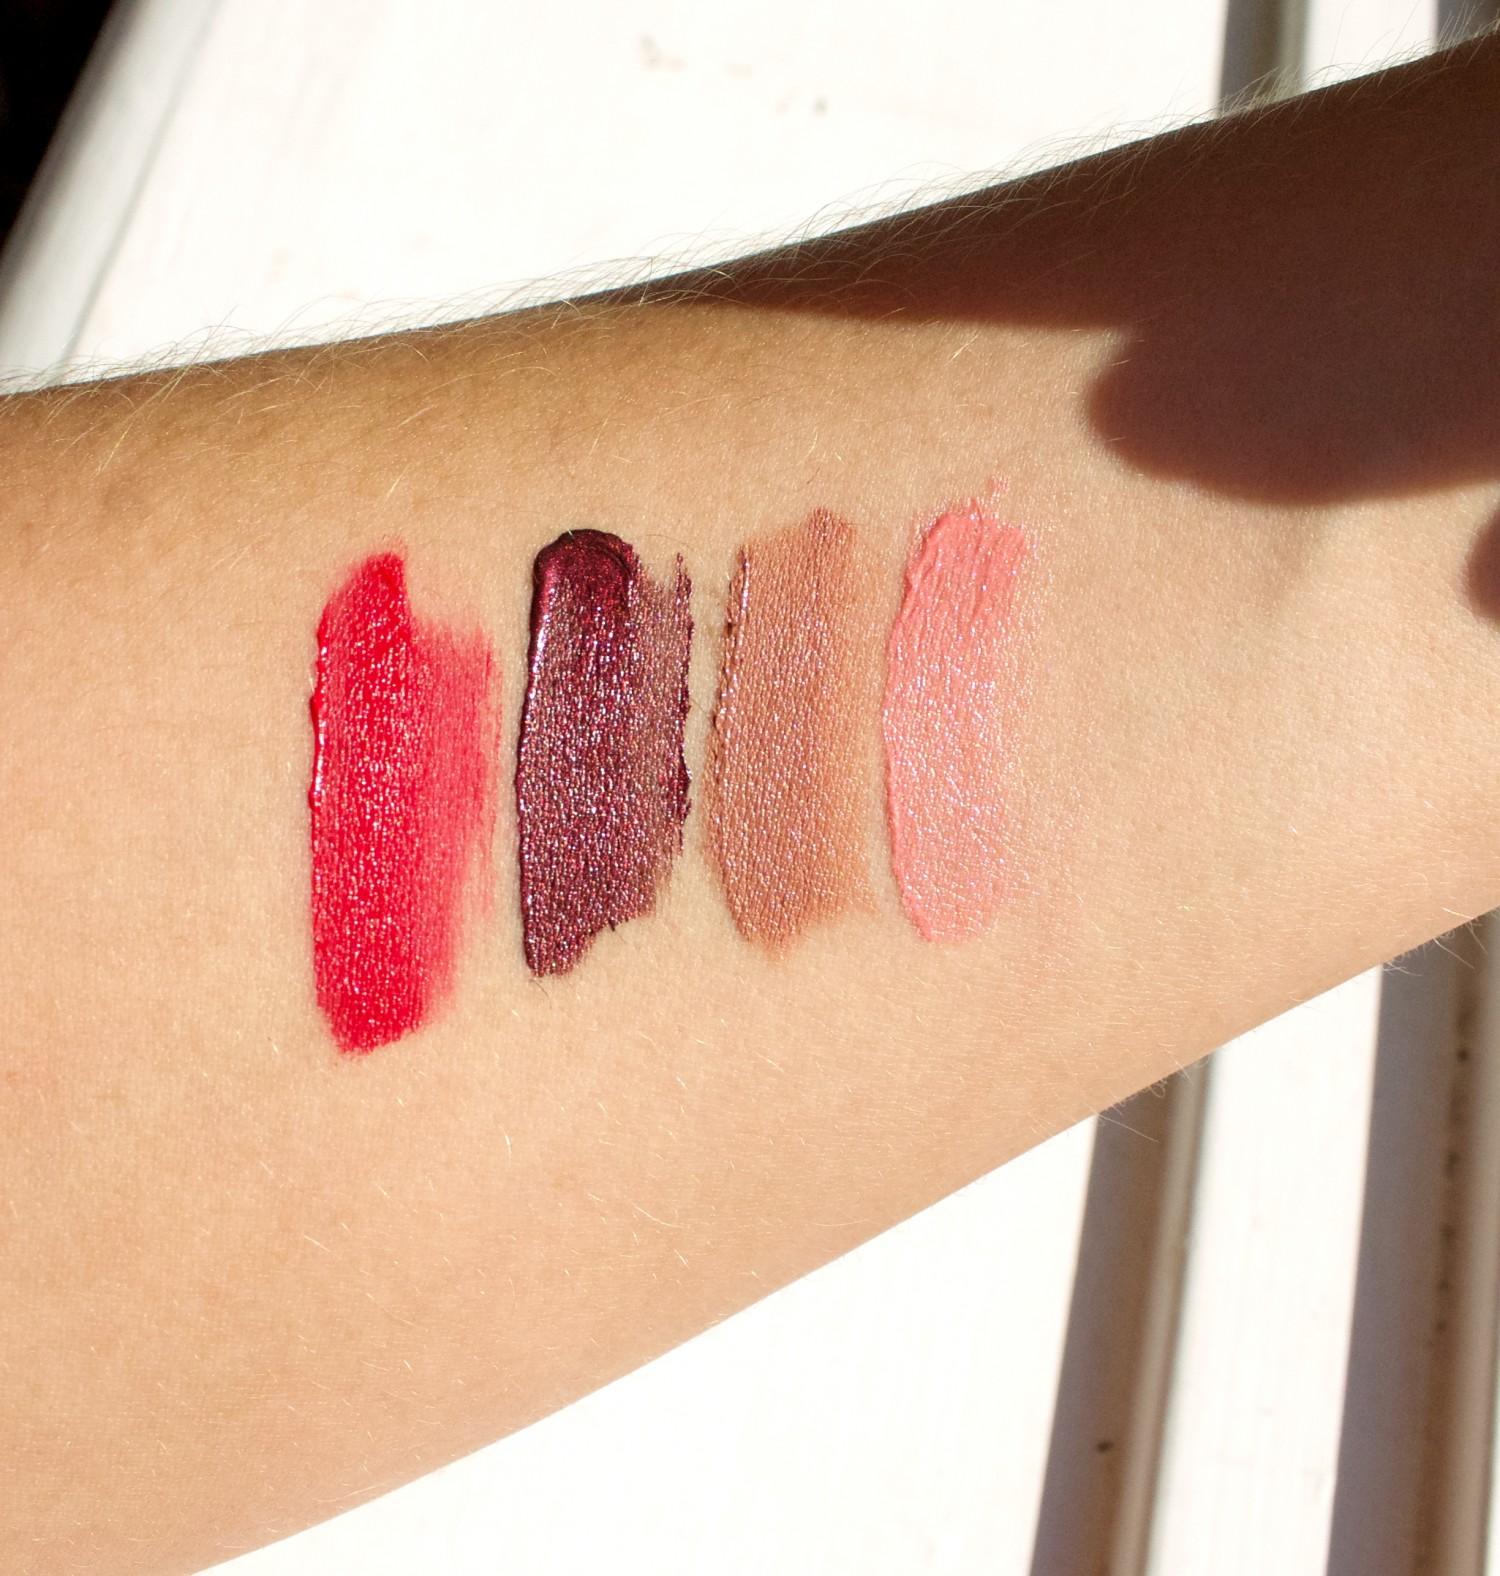 dior-news-lipstick-5